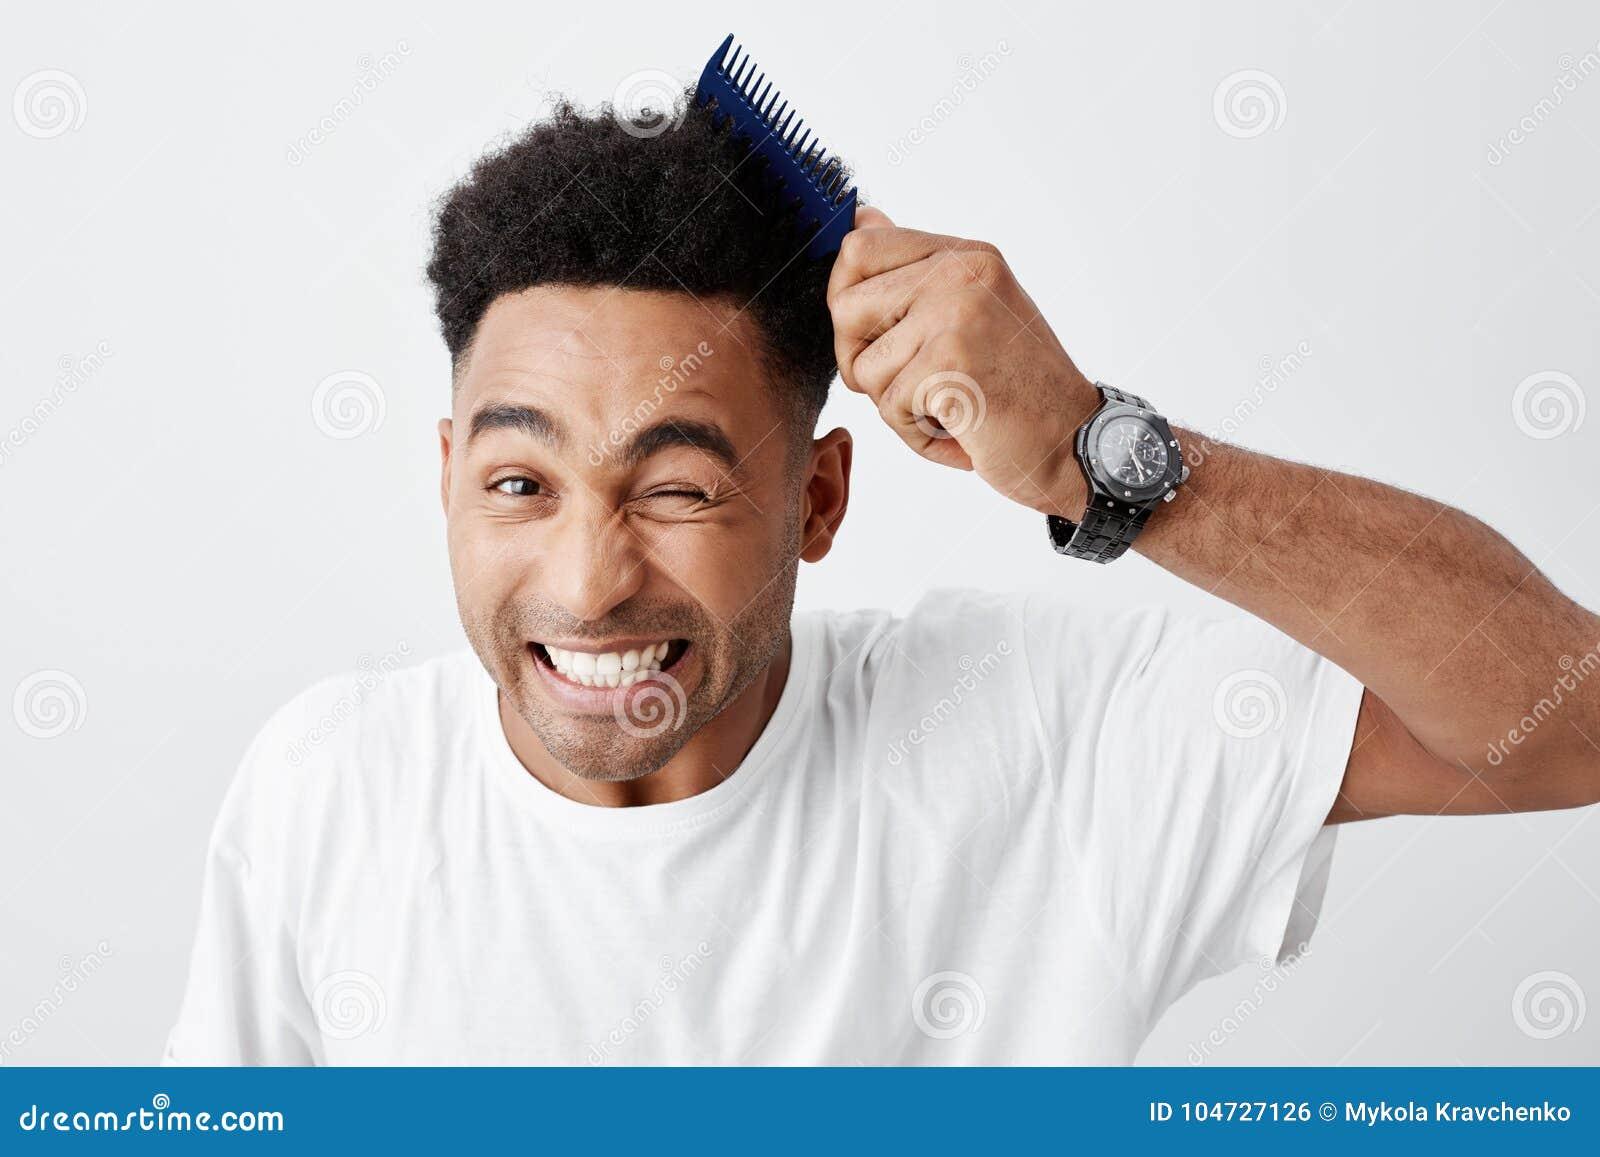 Cortes de pelo ondulado hombres jovenes